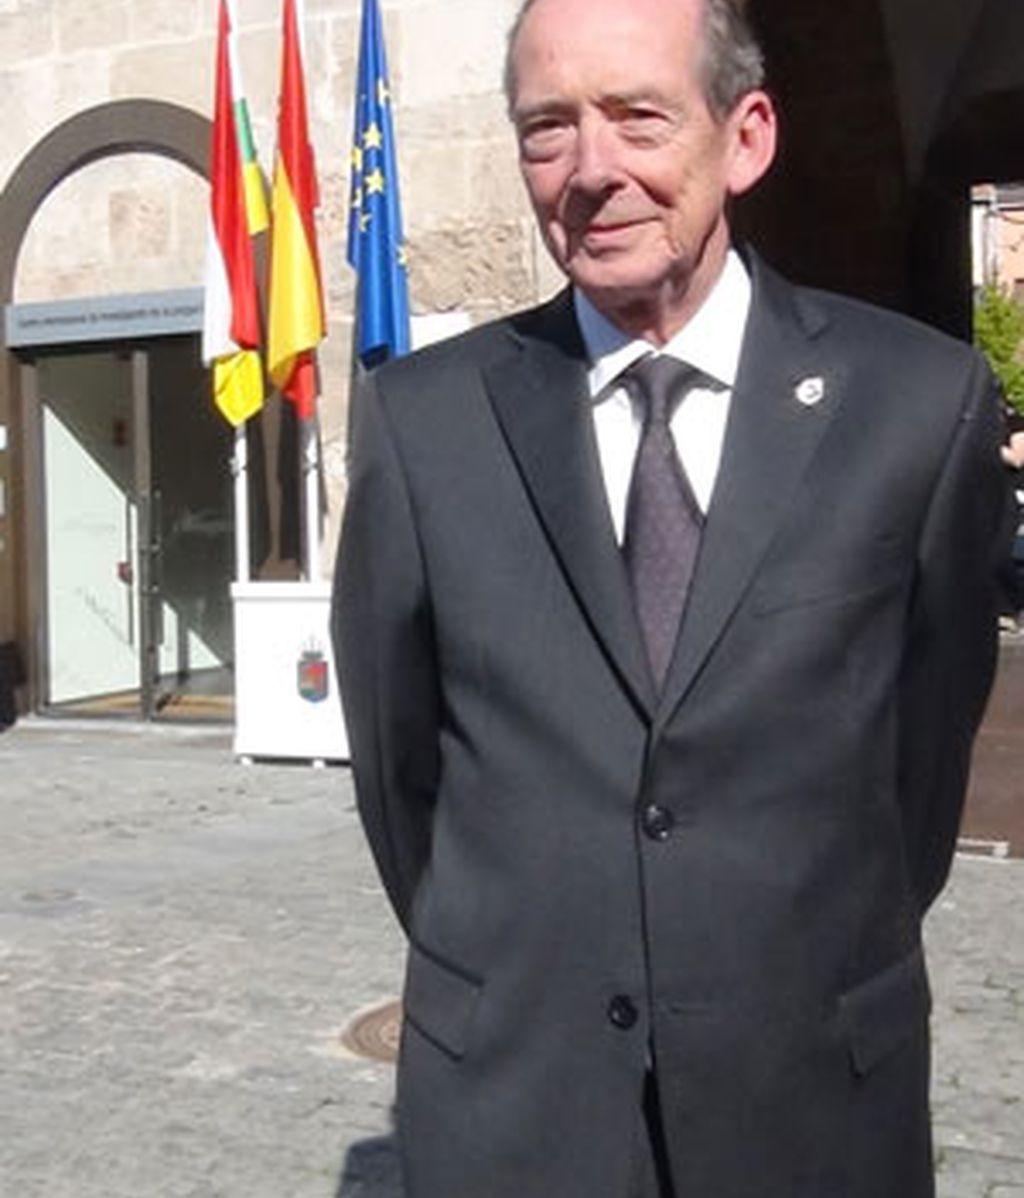 José Manuel Blecua, director de la Real Academia Española y presidente de la Fundéu BBVA, en San Millán de la Cogolla. Foto: Inma Maldonado